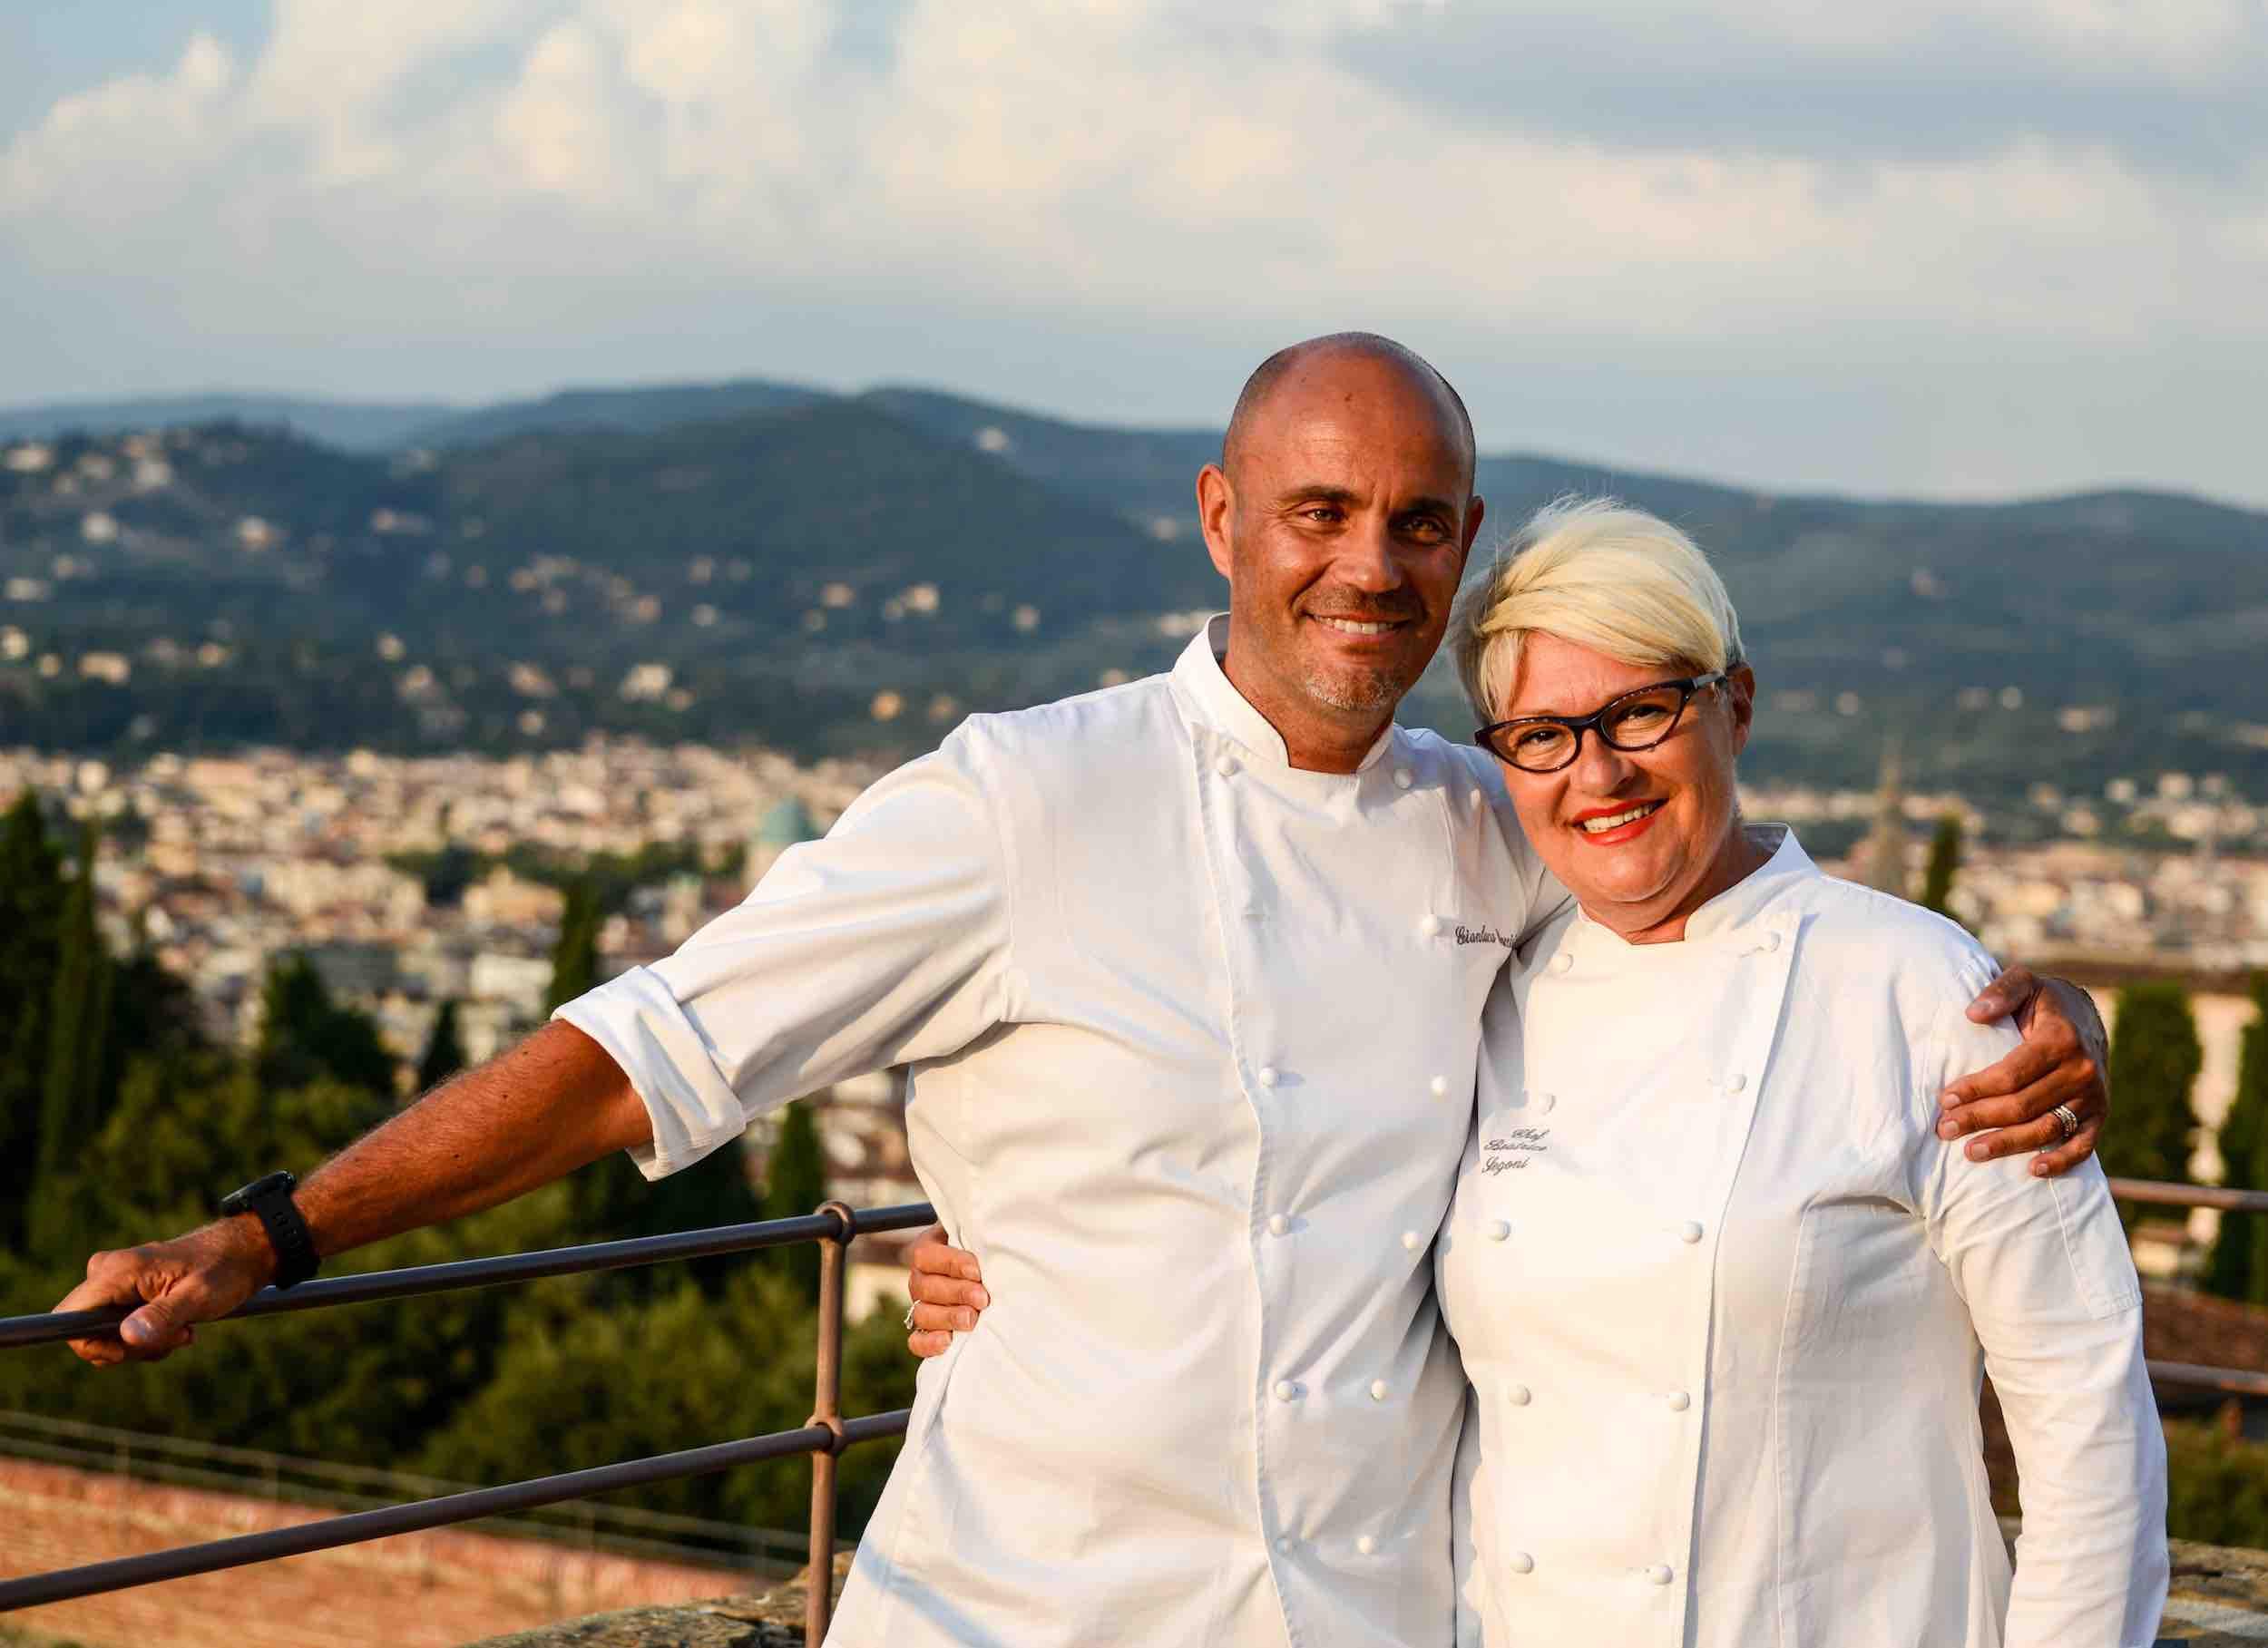 Il 4 Luglio 2019 al Forte Belvedere di Firenze si terrà Italian Chef Charity Night 2019: evento di solidarietà che coinvolge i migliori chef toscani.